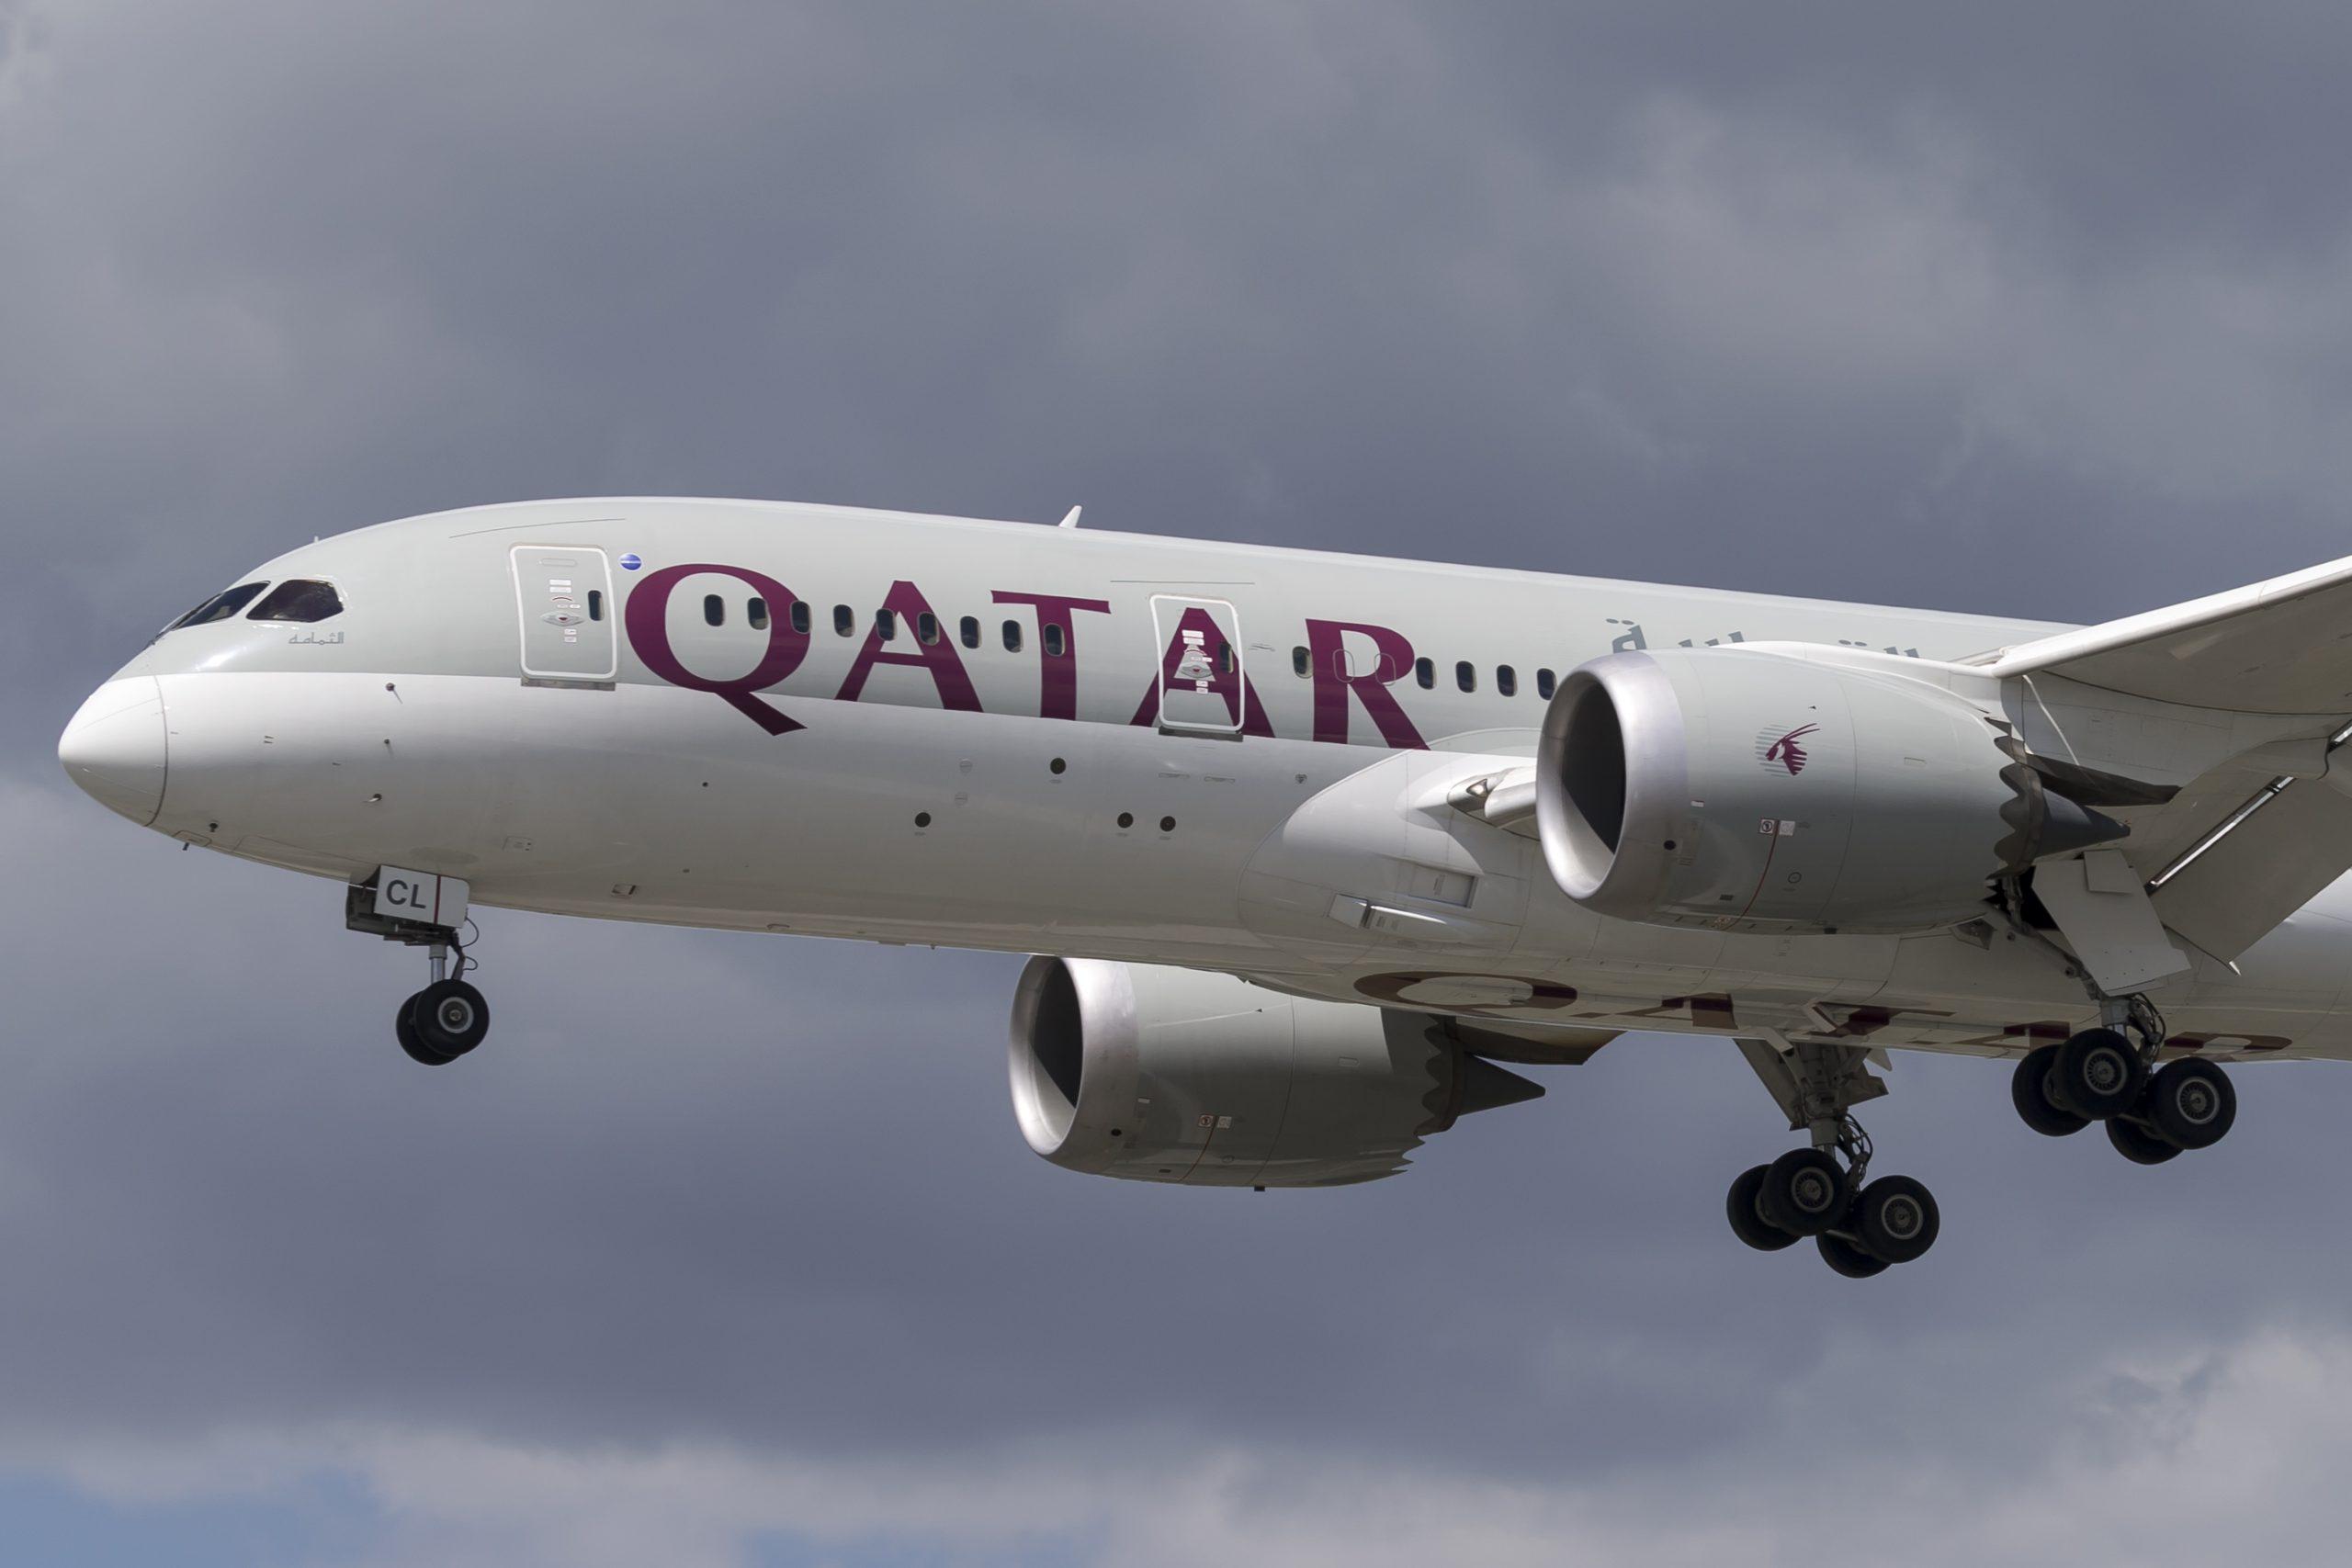 En Boeing 787-8 Dreamliner fra Qatar Airways. Foto: © Thorbjørn Brunander Sund, Danish Aviation Photo